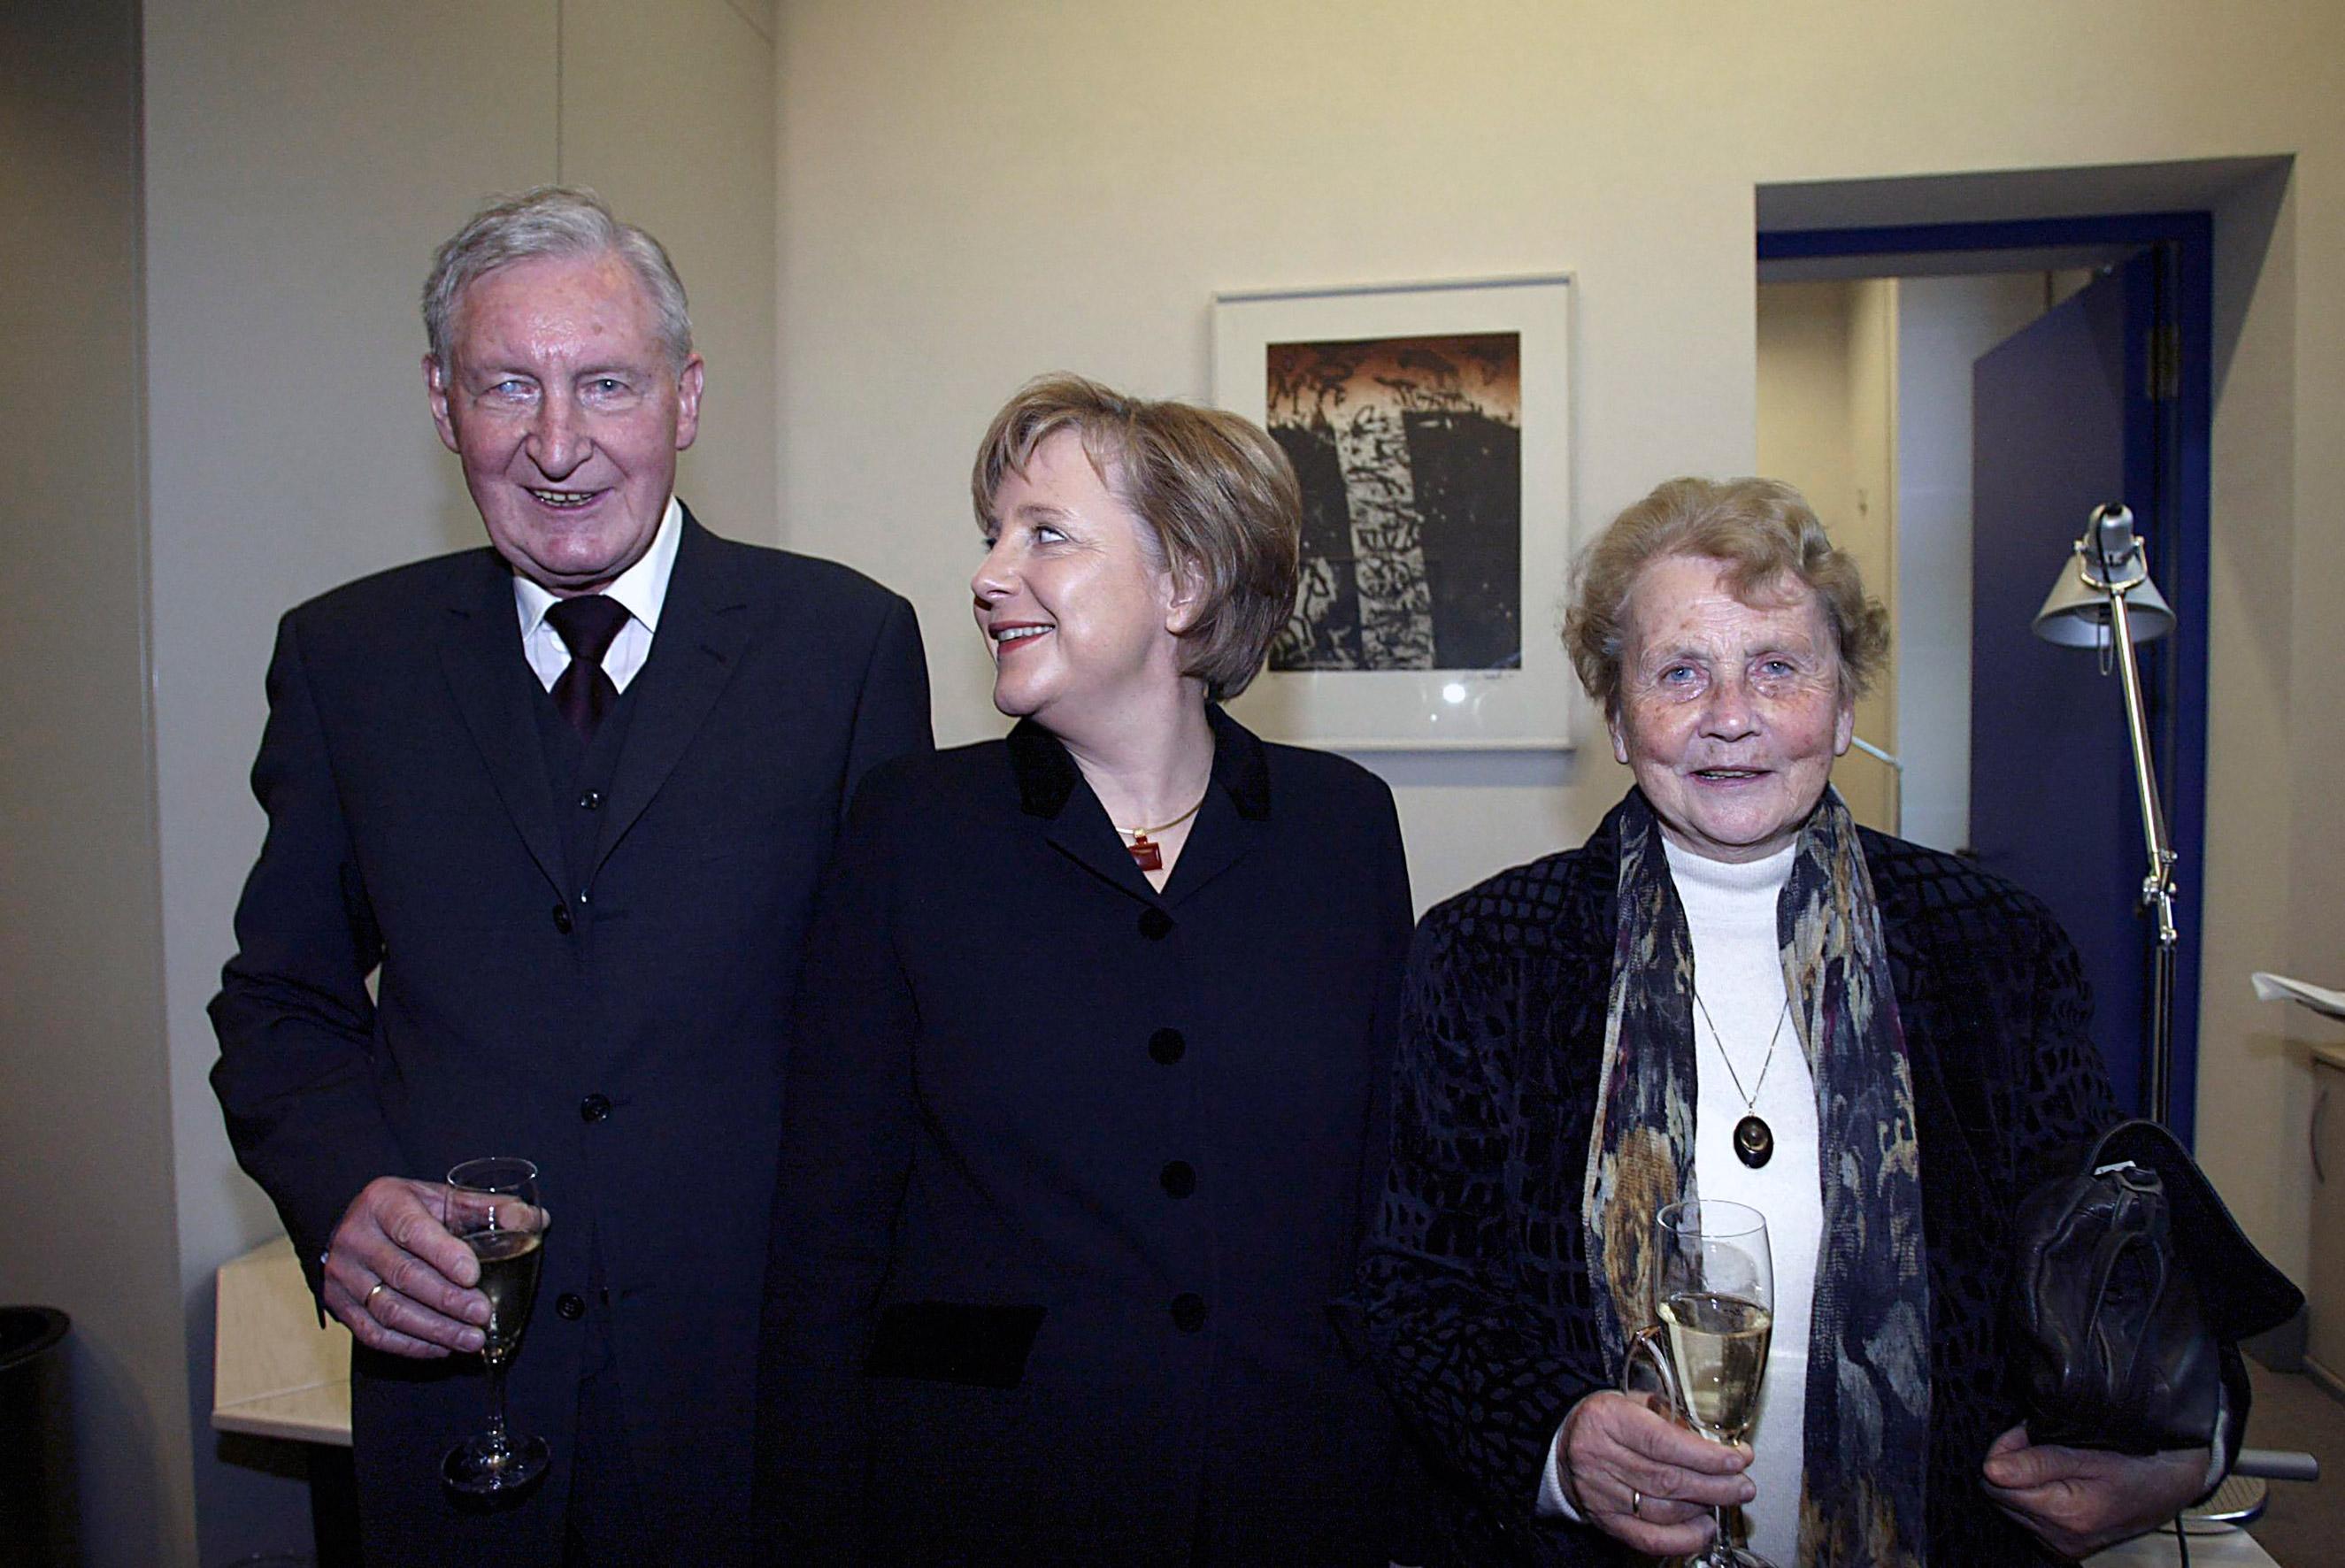 ▲ 메르켈 총리(중앙)와 아버지 카스너 목사와 어머니